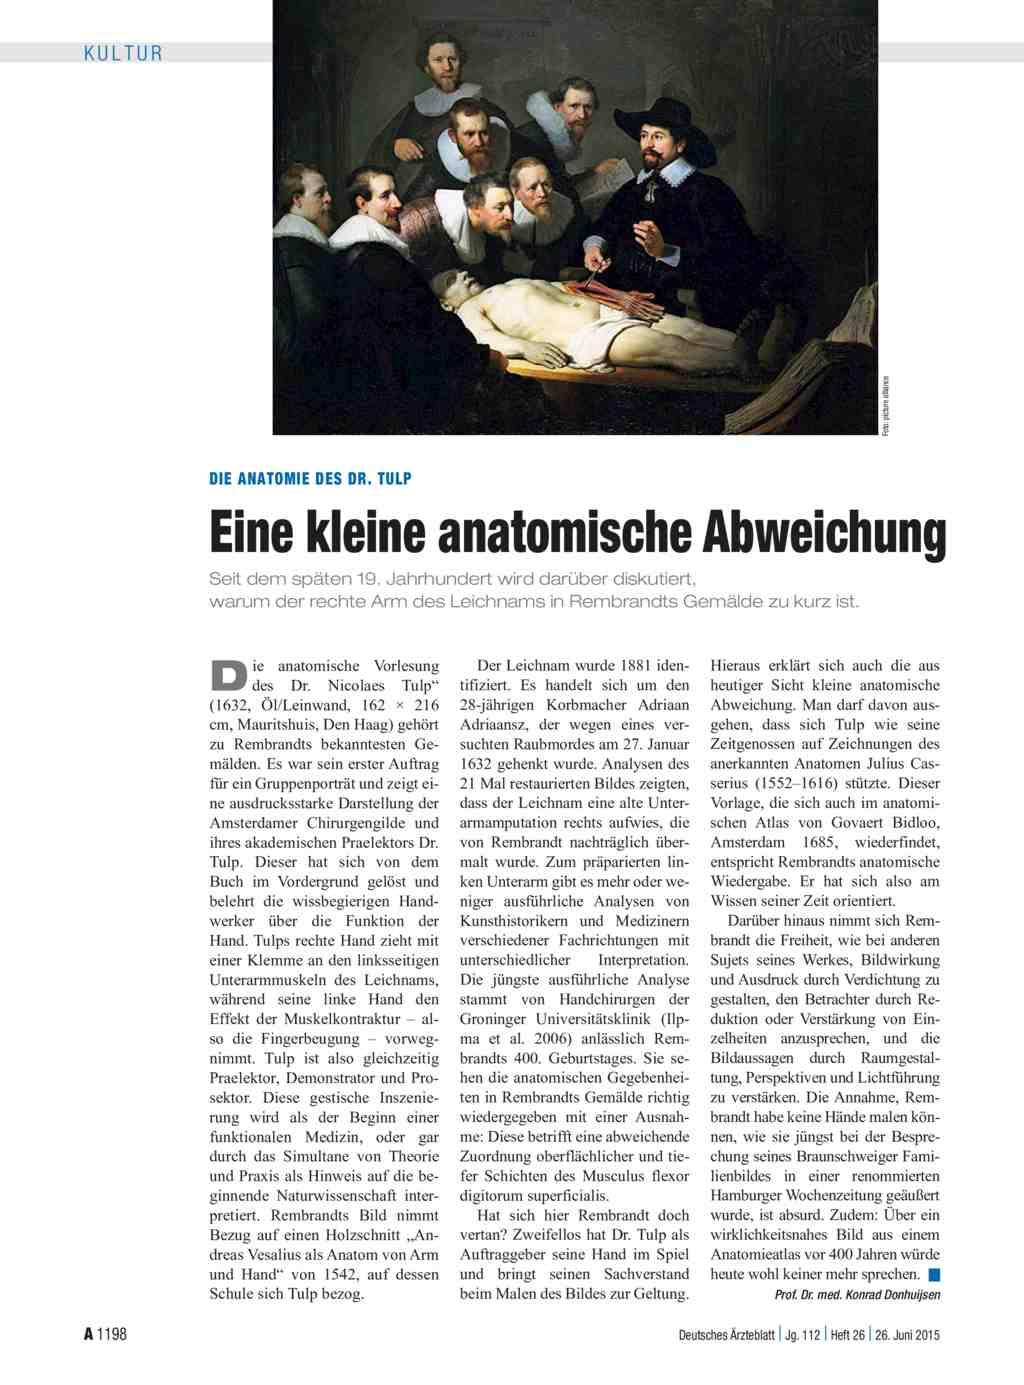 Schön Anatomie Des Dr. Tulp Ideen - Anatomie Ideen - finotti.info